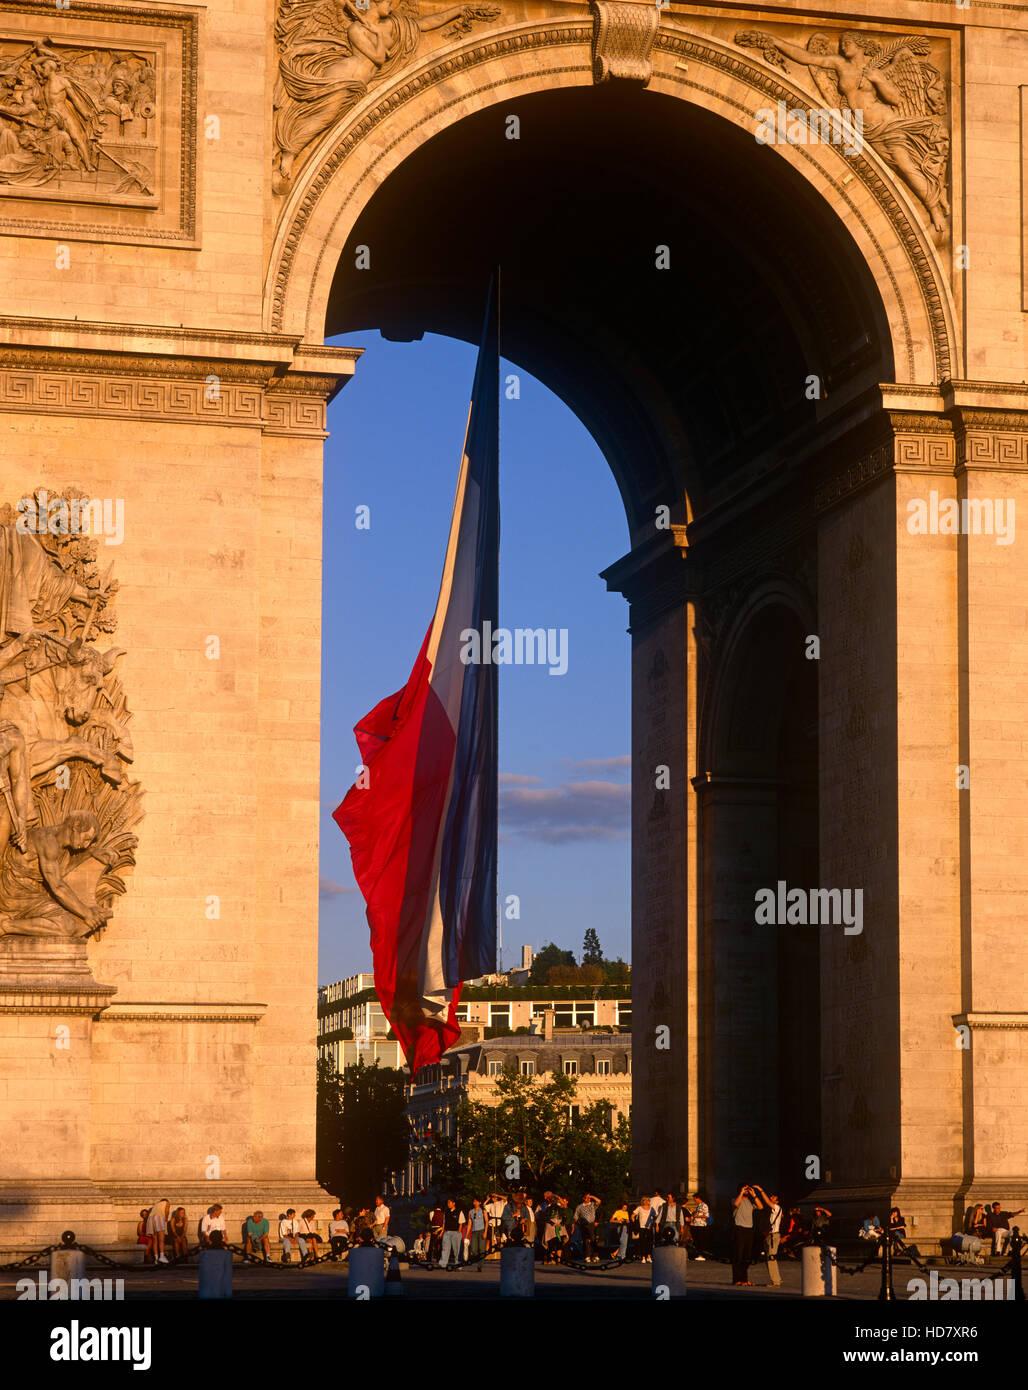 Arc de Triomphe, Champs Elysees, Paris, France - Stock Image